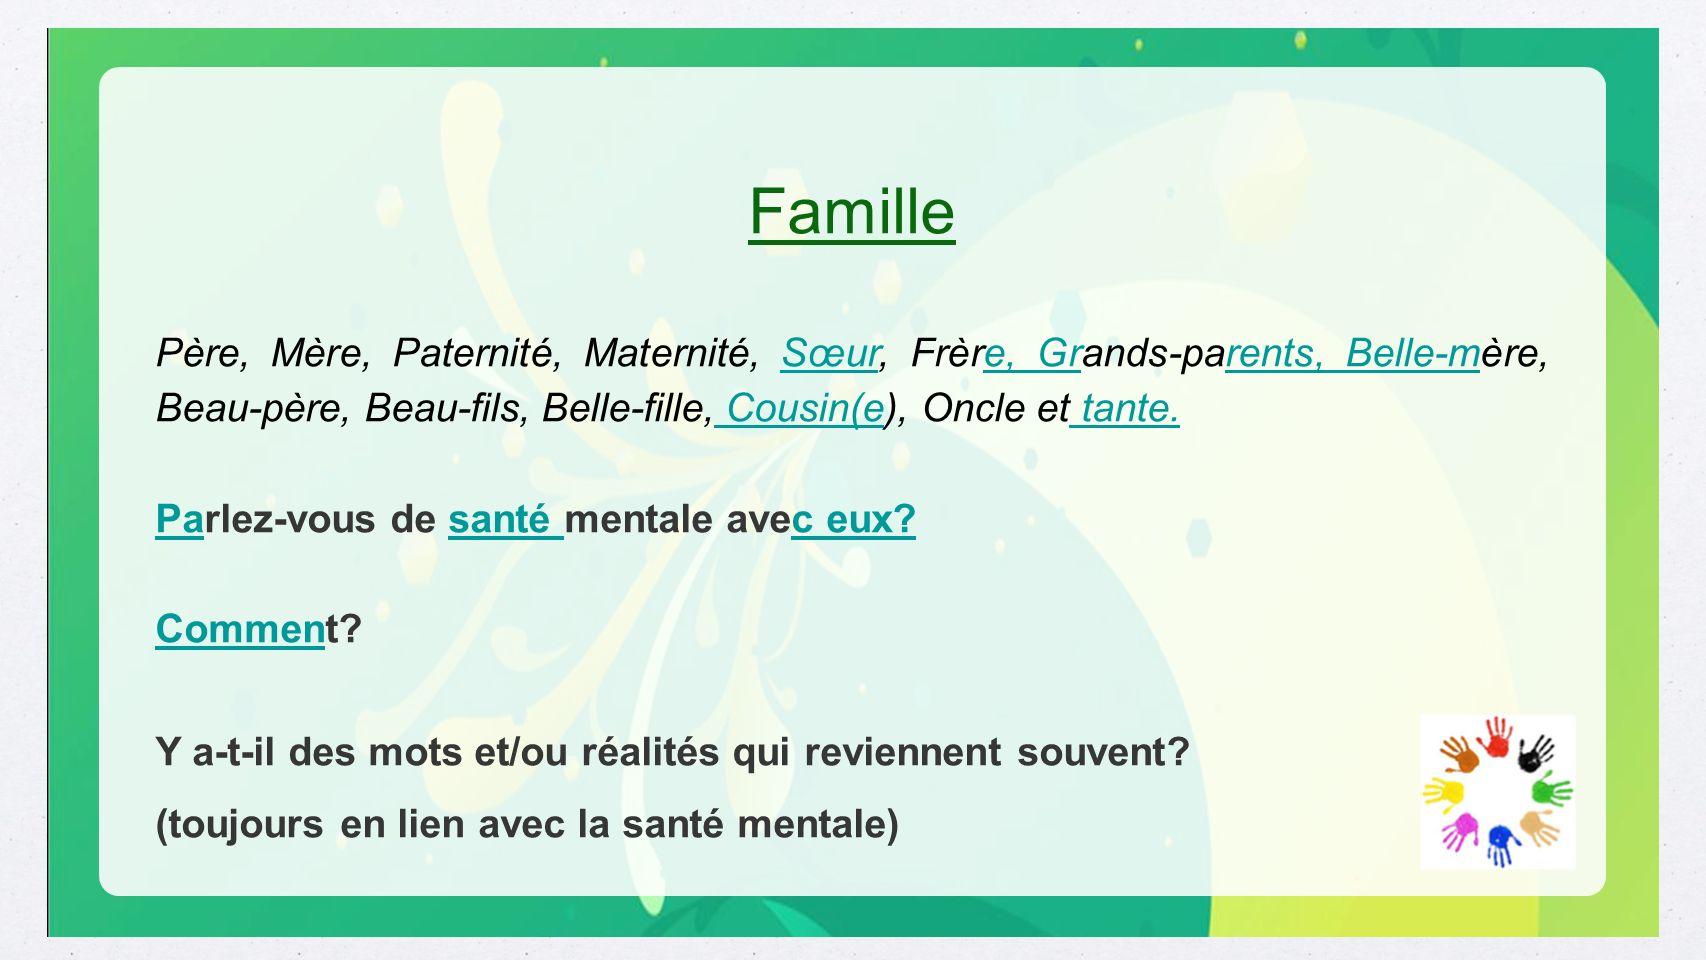 Famille Père, Mère, Paternité, Maternité, Sœur, Frère, Grands-parents, Belle-mère, Beau-père, Beau-fils, Belle-fille, Cousin(e), Oncle et tante.